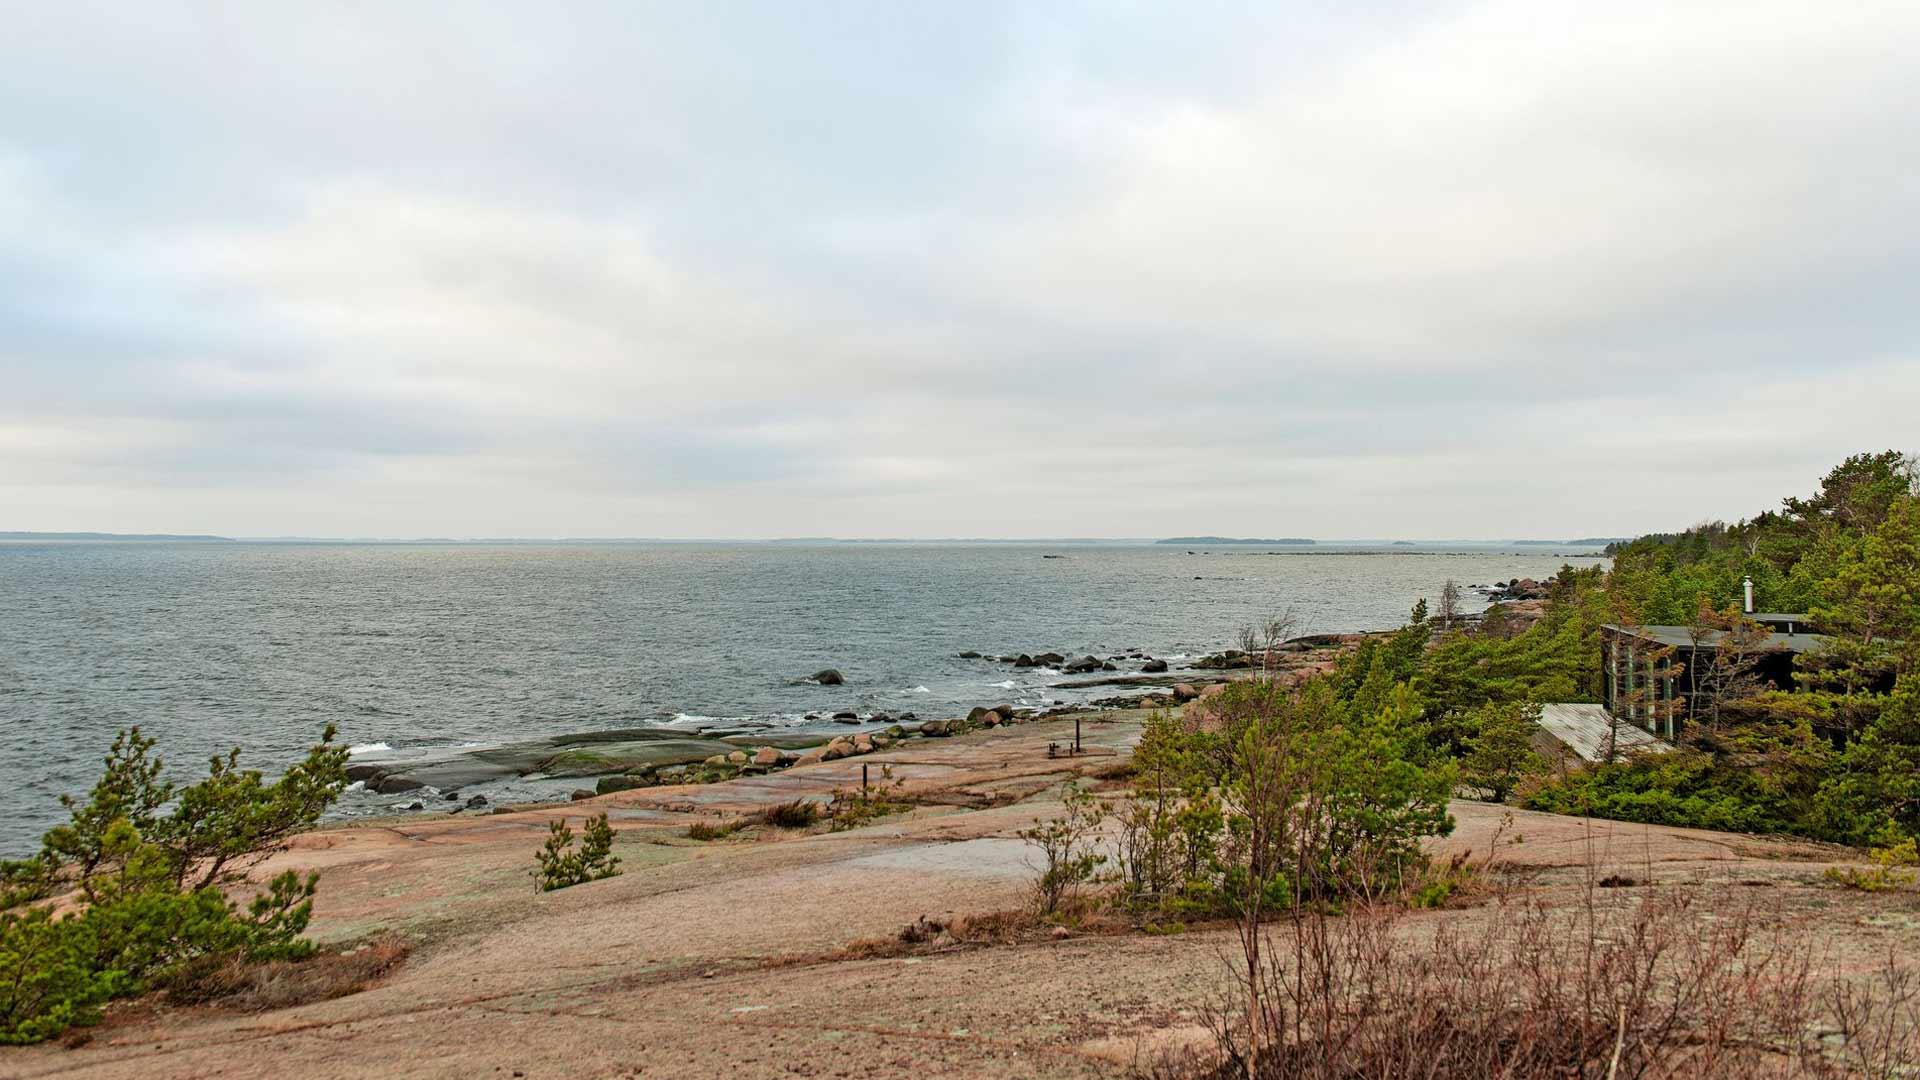 Rankin saaresta avautuu avara maisema rannattomalle ulapalle.